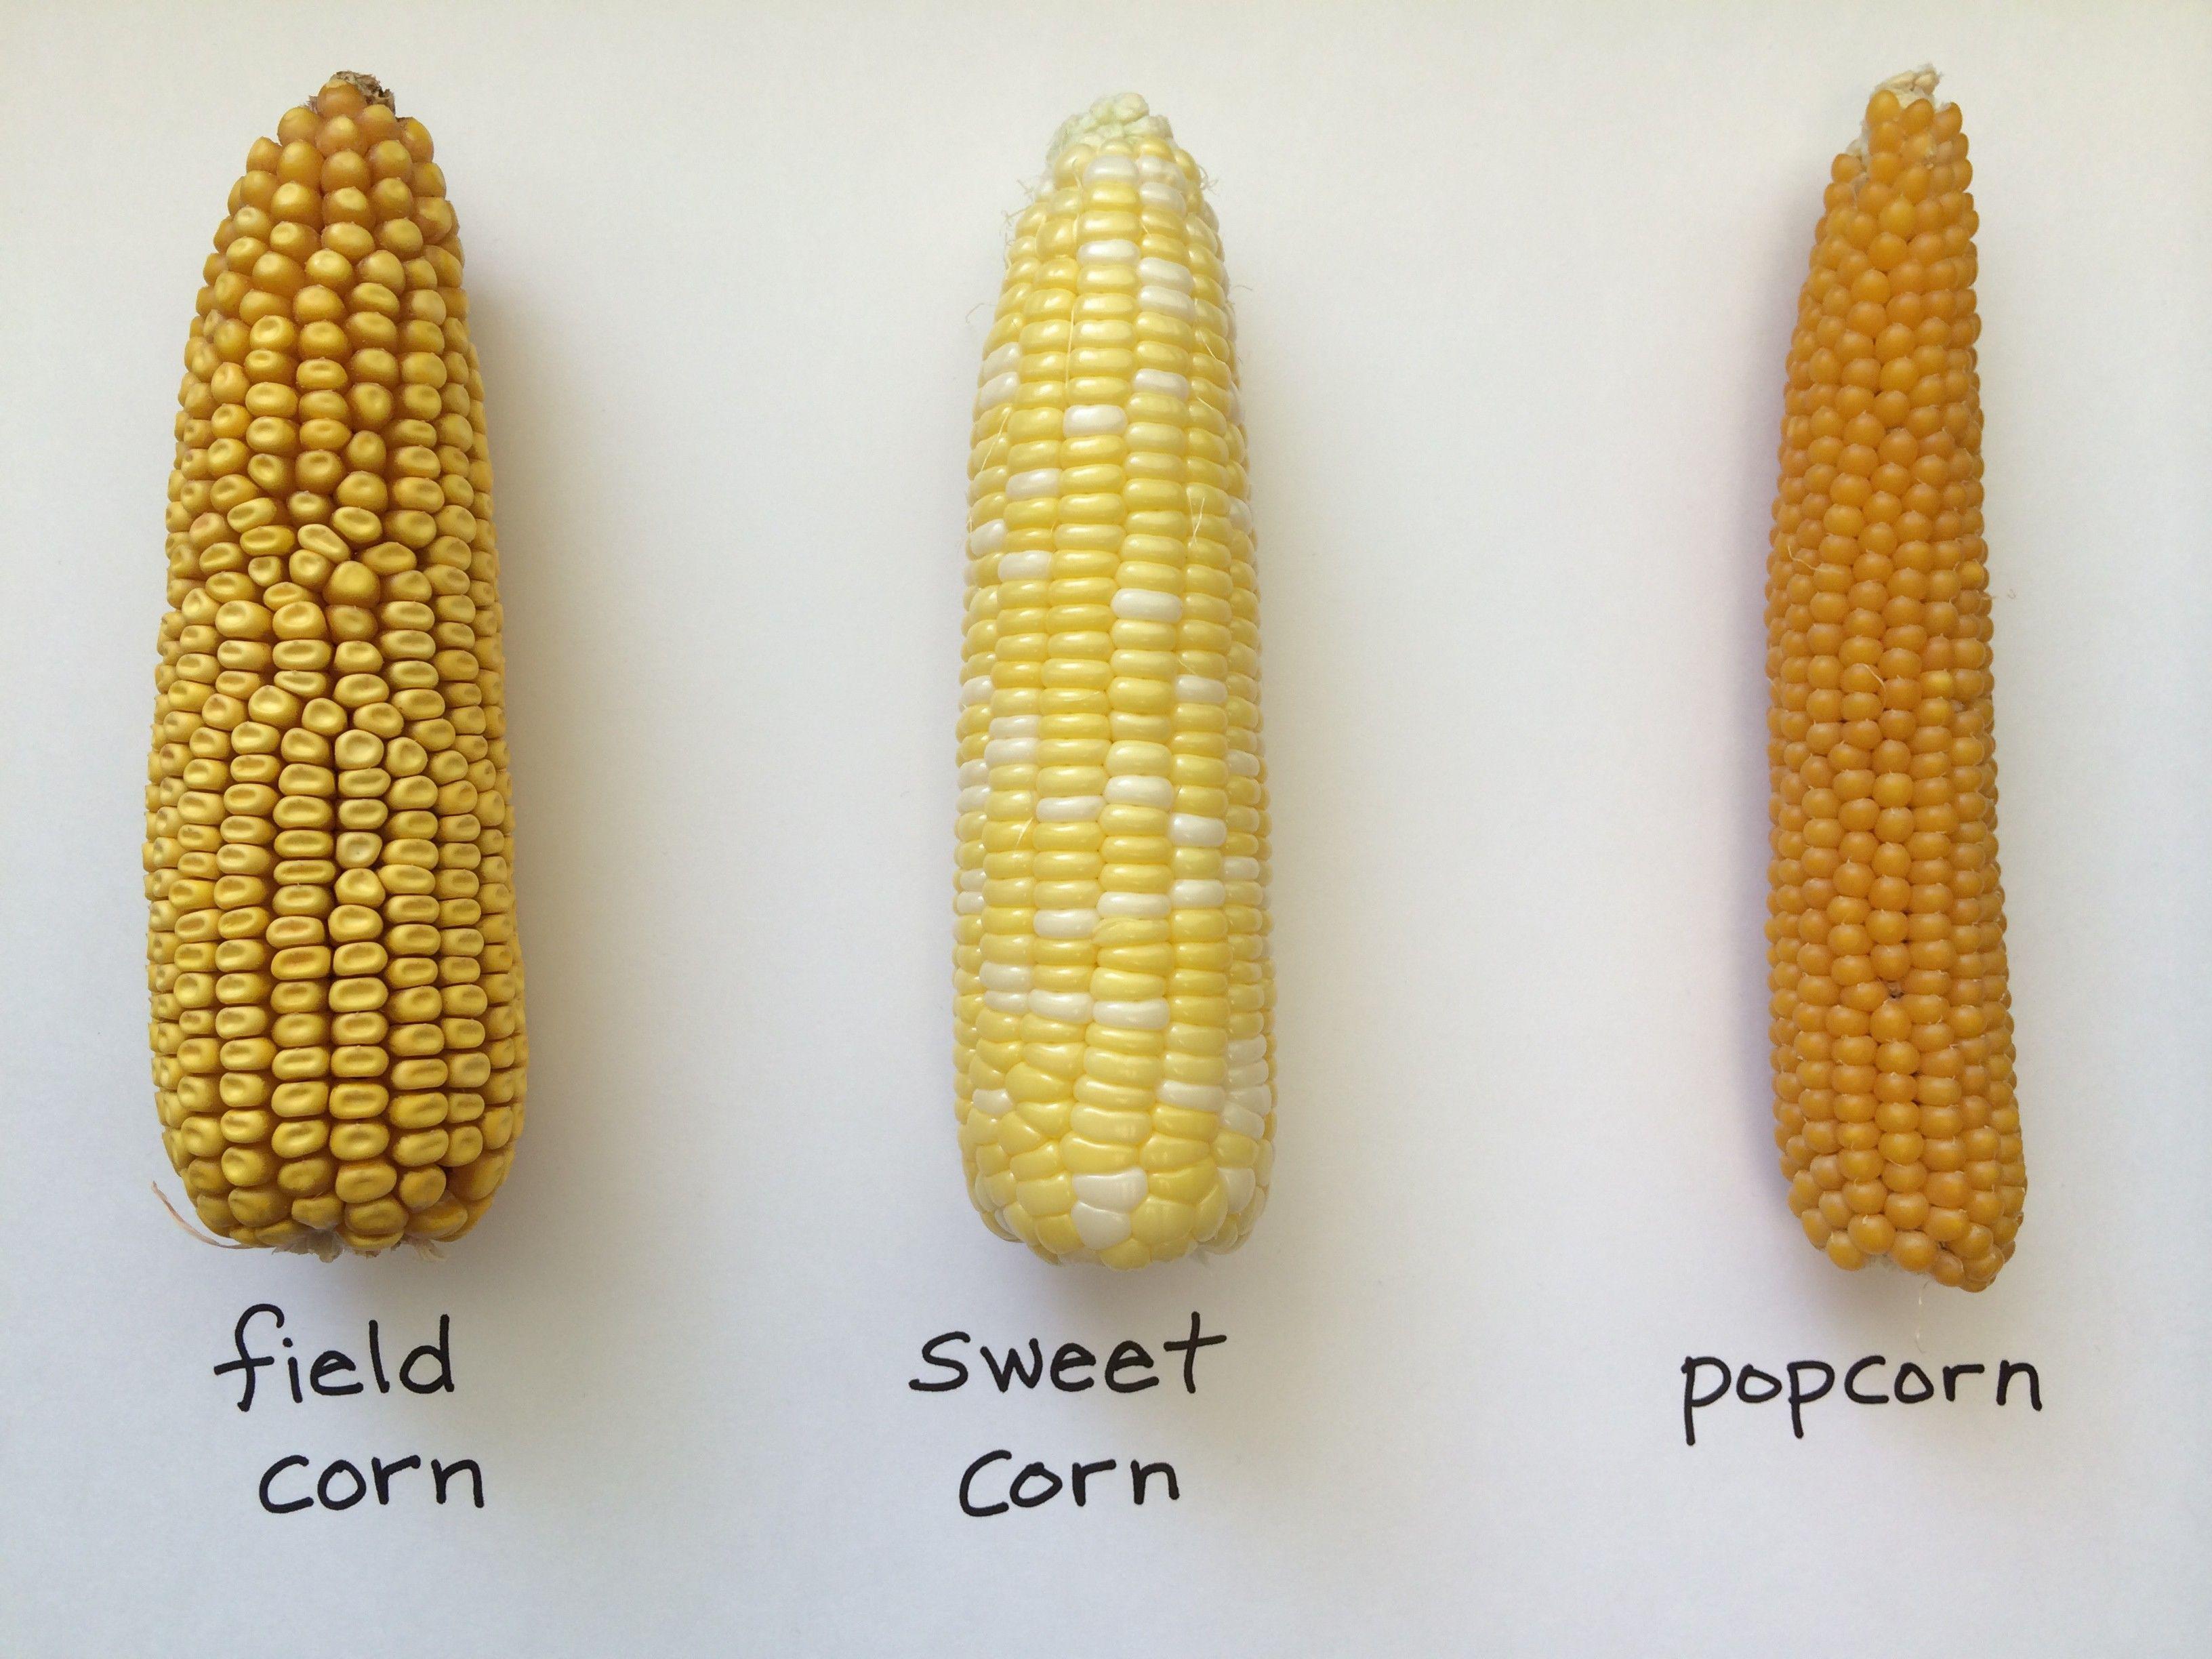 sweet corn or feed corn - Google Search | Corn, Sweet popcorn, Field corn